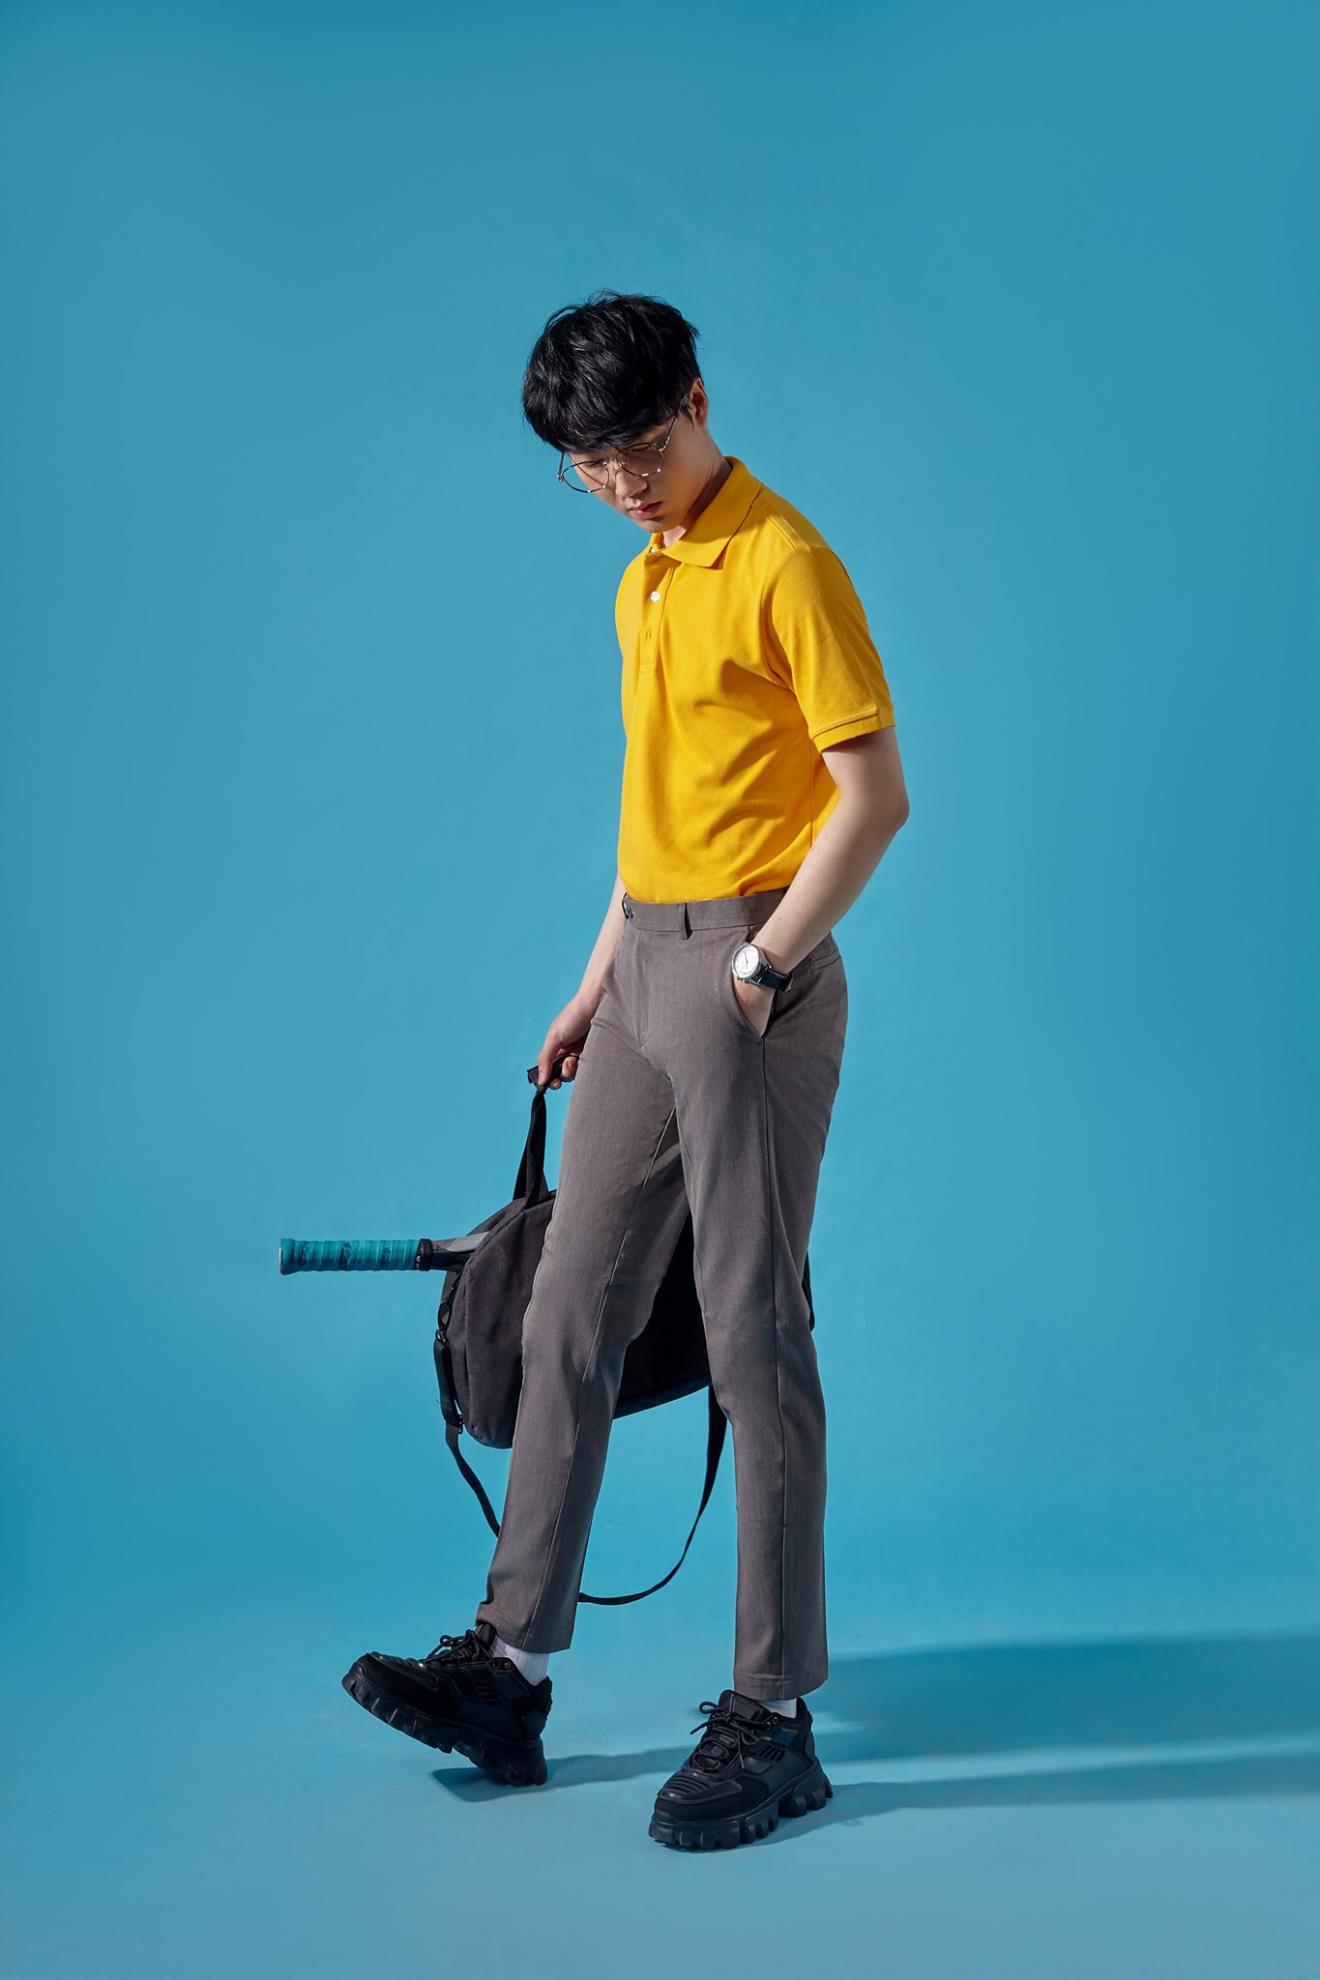 Thời trang CUONG Store gợi ý mix đồ công sở nam theo phong cách đầy cá tính - Ảnh 3.